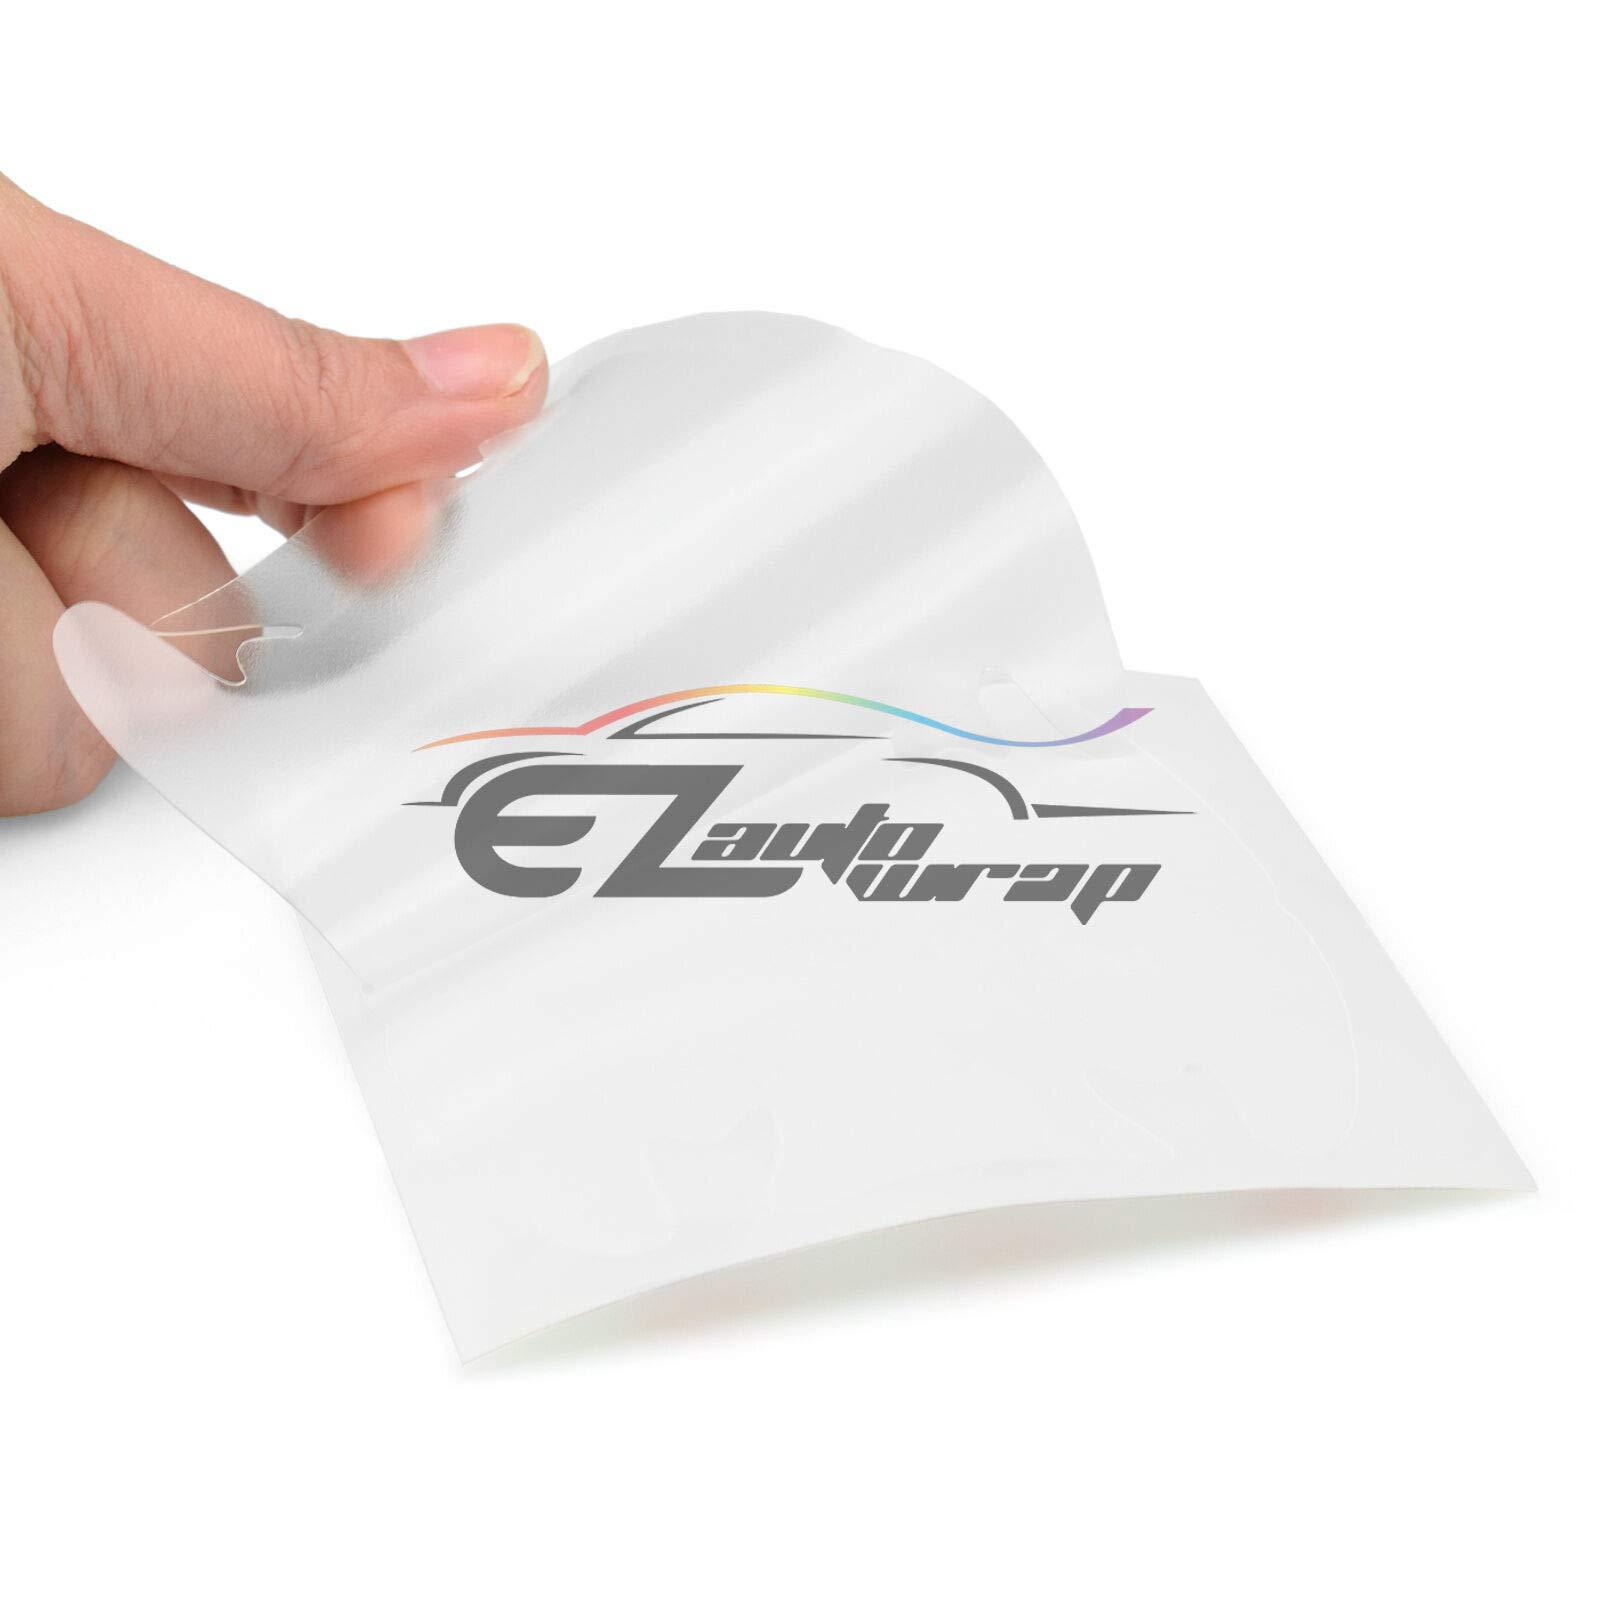 EZAUTOWRAP 4PCs 3M Scotchguard Clear Door Cup Handle Paint Scratch Protection Guard Film Bra Vinyl Style 1 by EZAUTOWRAP (Image #5)